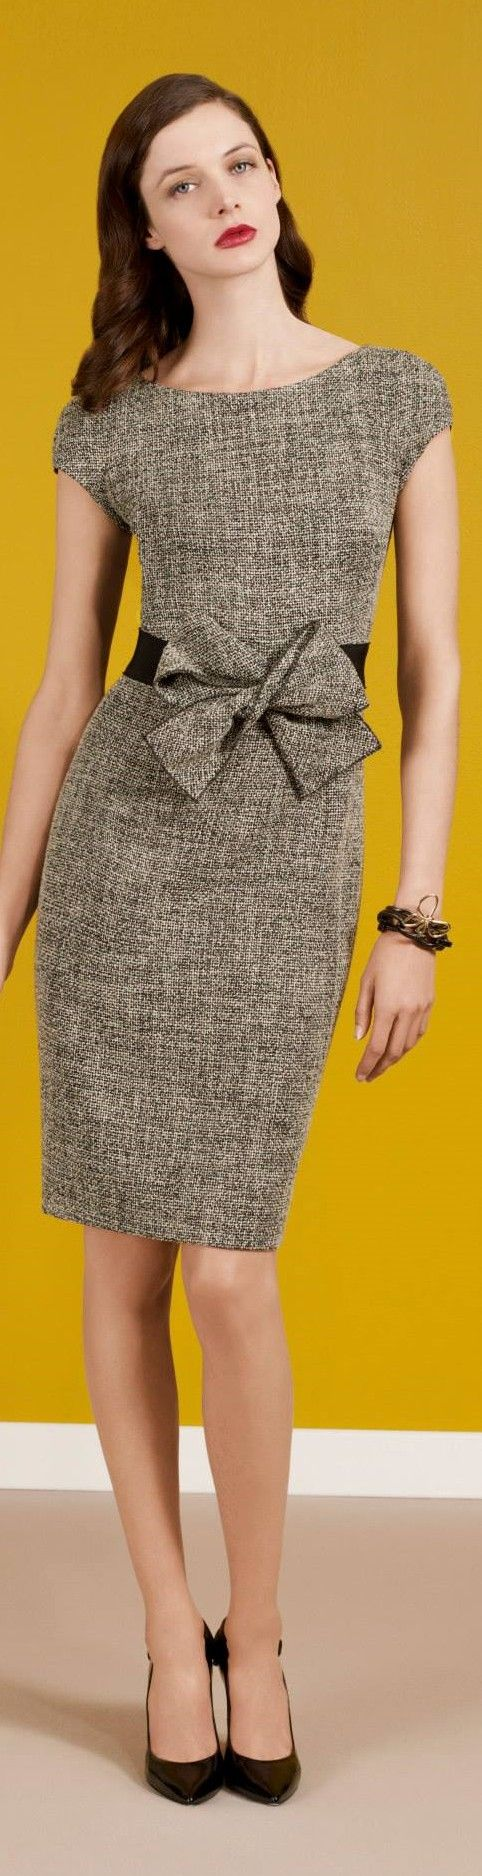 Me gusta vestirme como señora y Super elegante :)